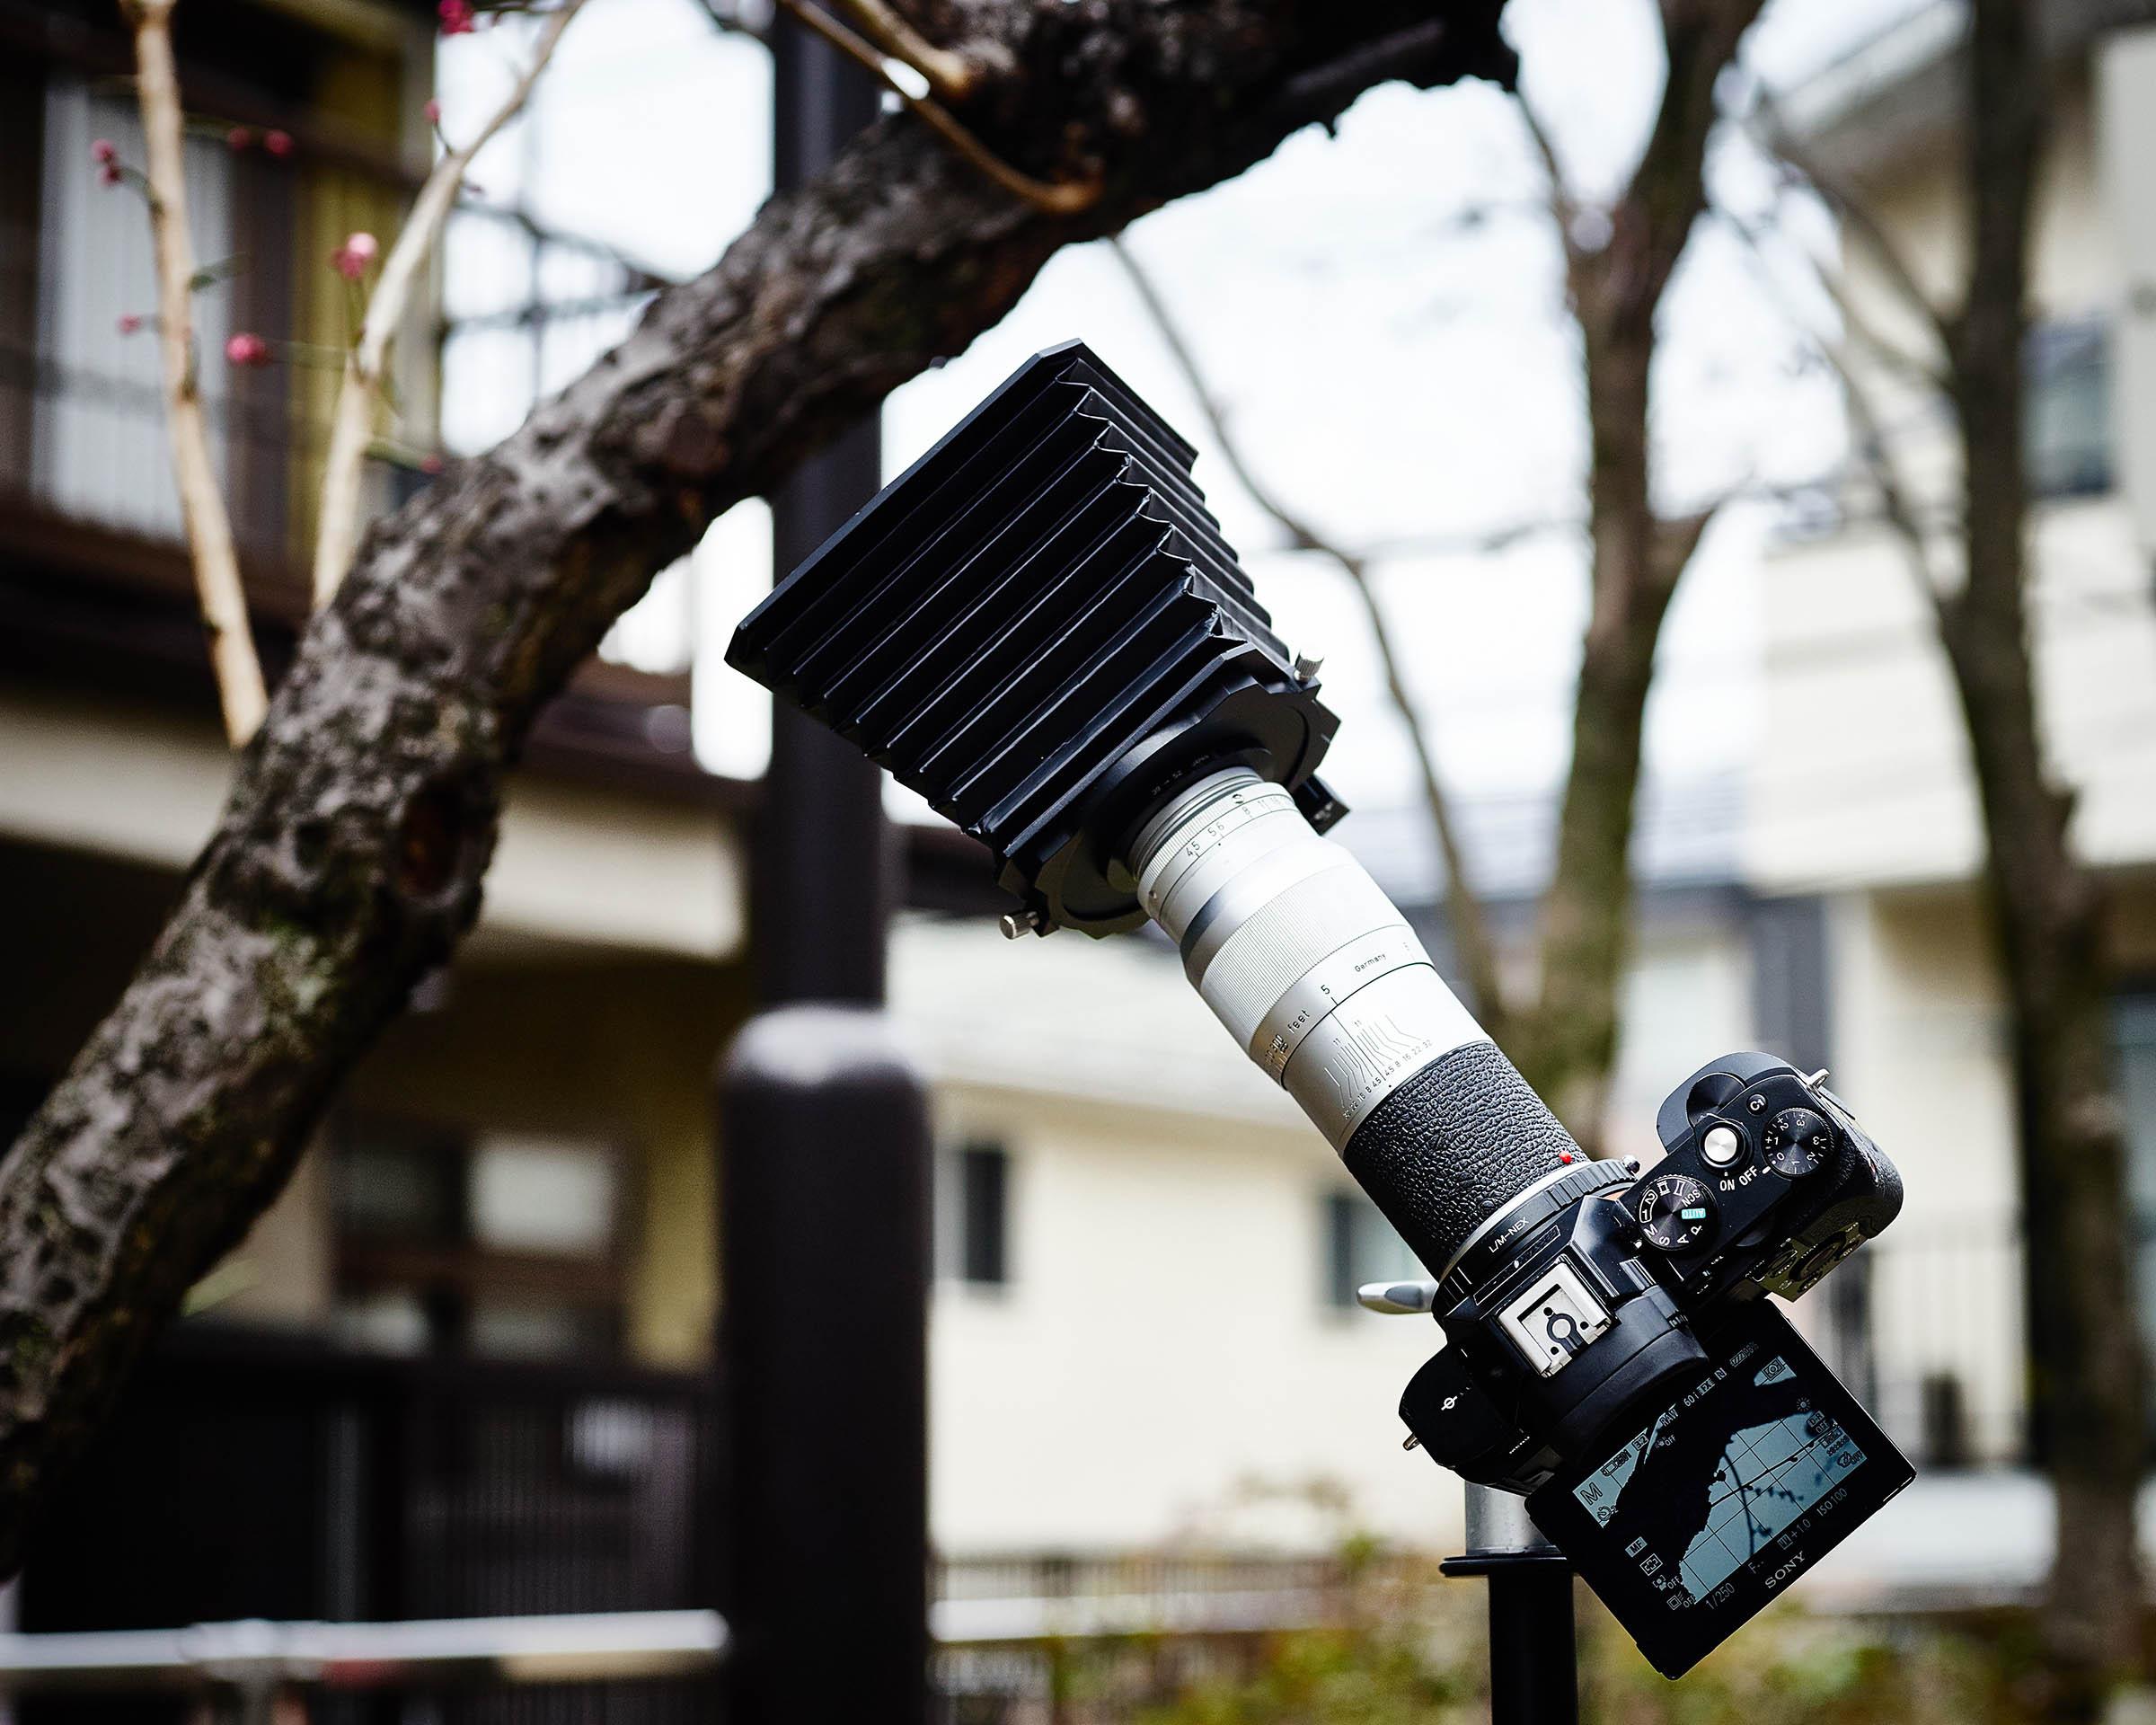 比較的お安く手に入るライカレンズの「ヘクトール135mmF4.5」で梅花を撮る